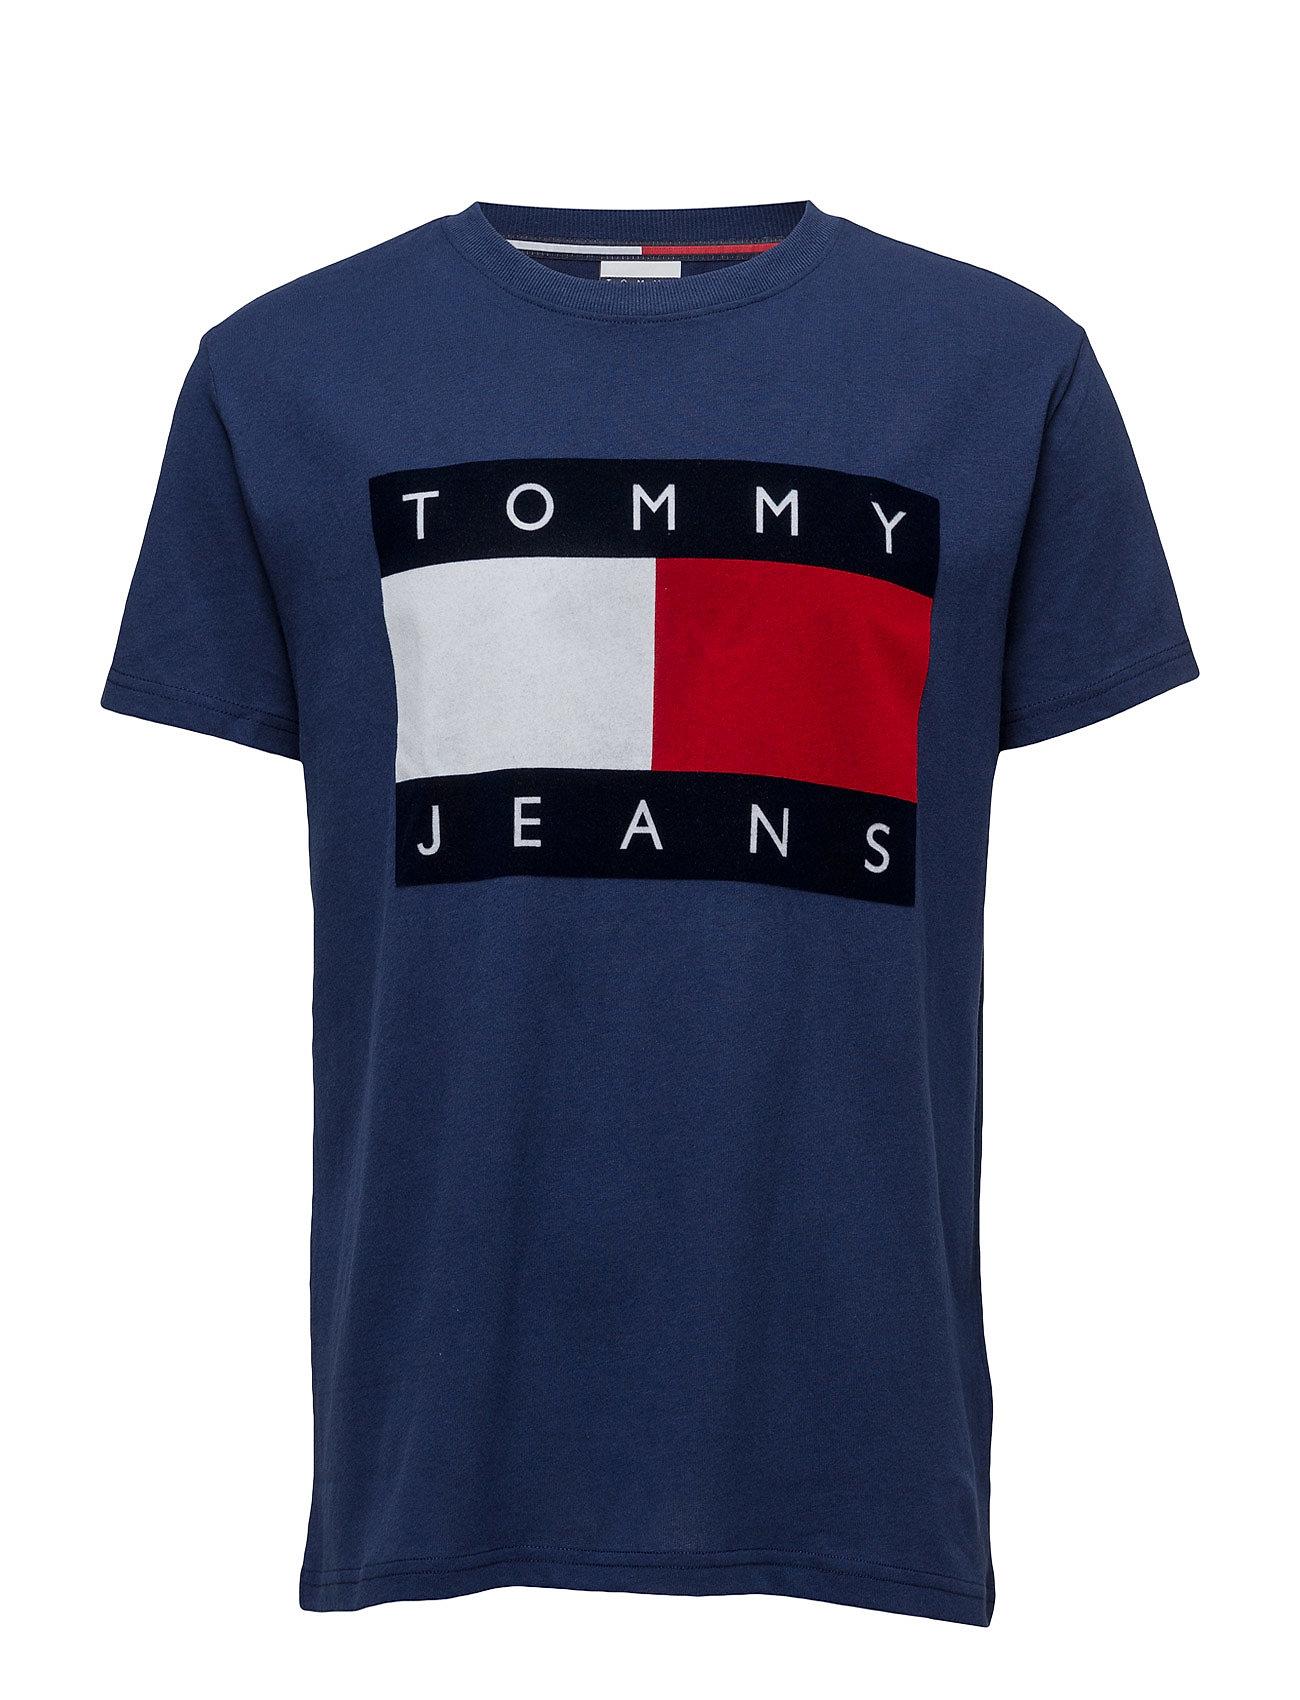 Tjm 90s Flock T-Shirt S/S M1 Tommy Jeans Kortærmede til Herrer i Blå